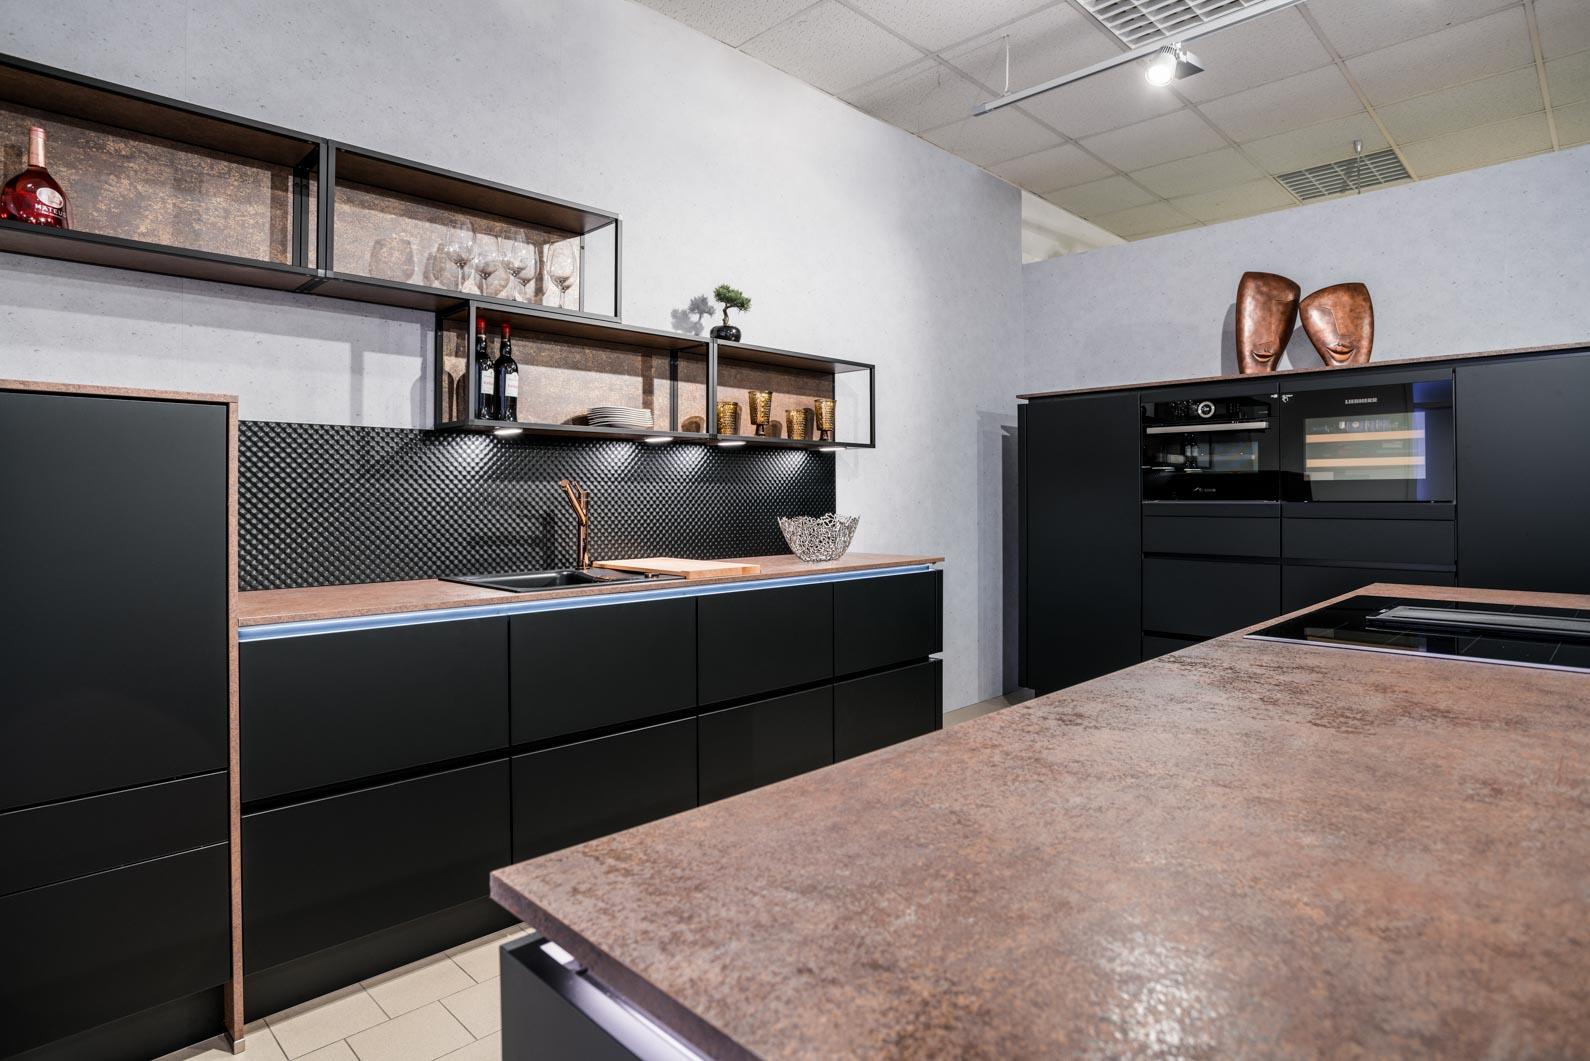 Weisser Küchenstudio Showroom Küche mit schwarzen Fronten